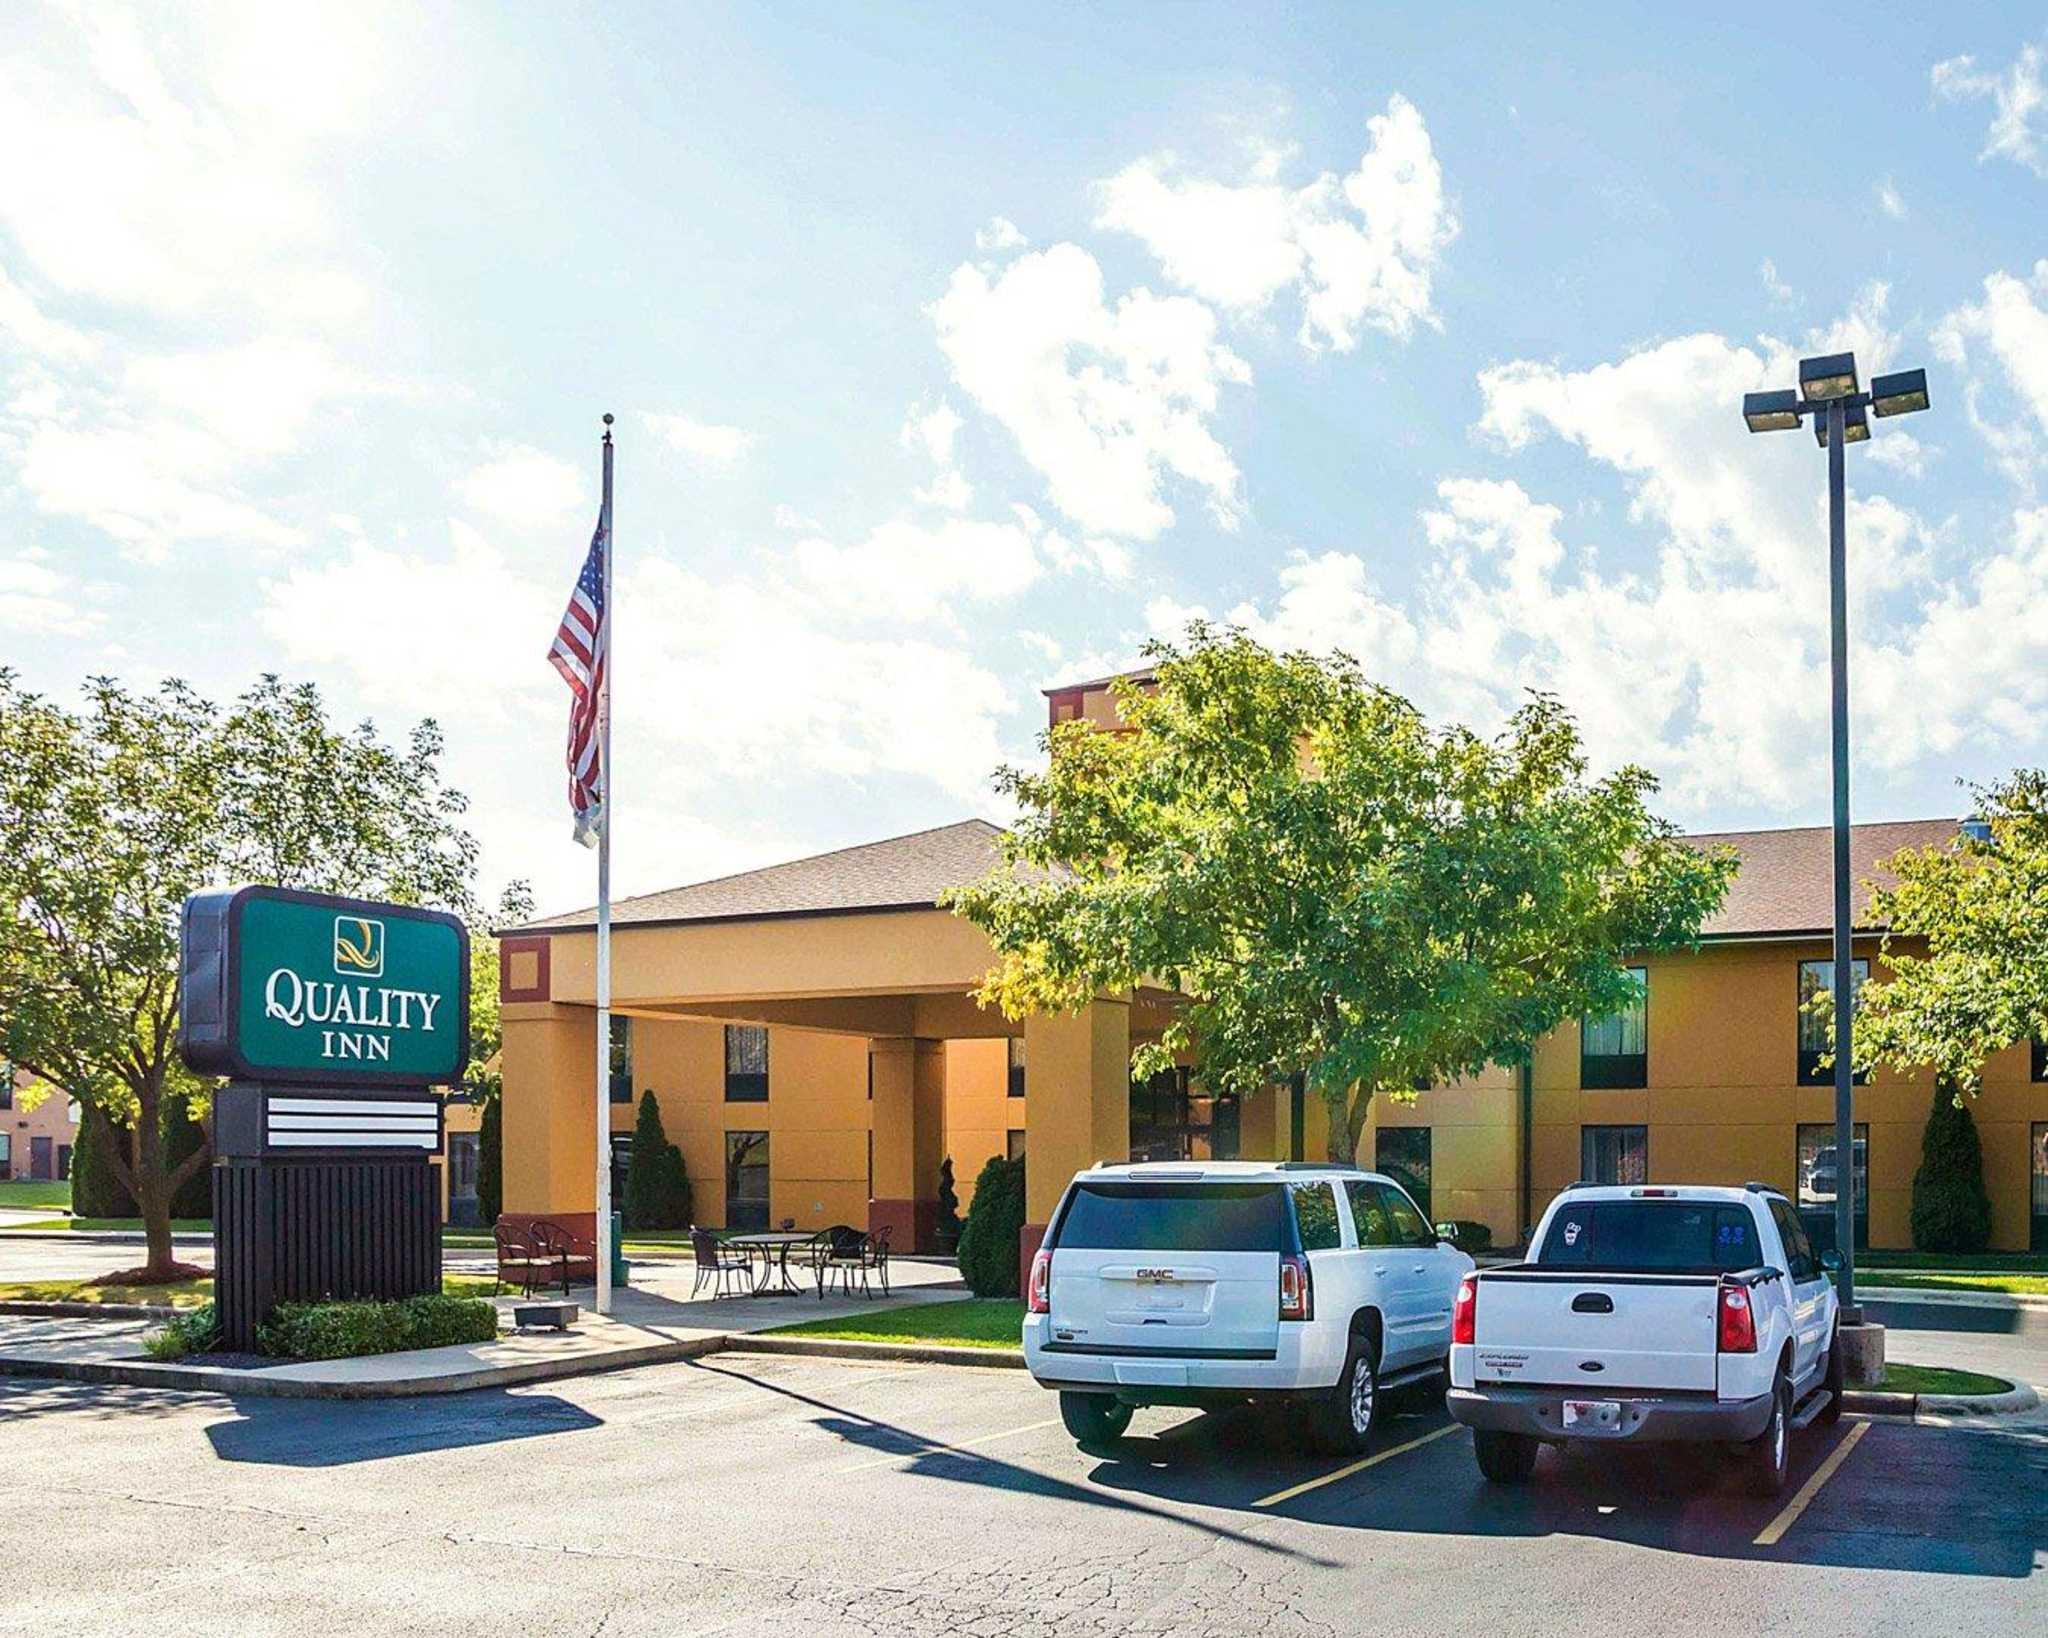 Quality Inn St. Robert - Ft. Leonard Wood image 3